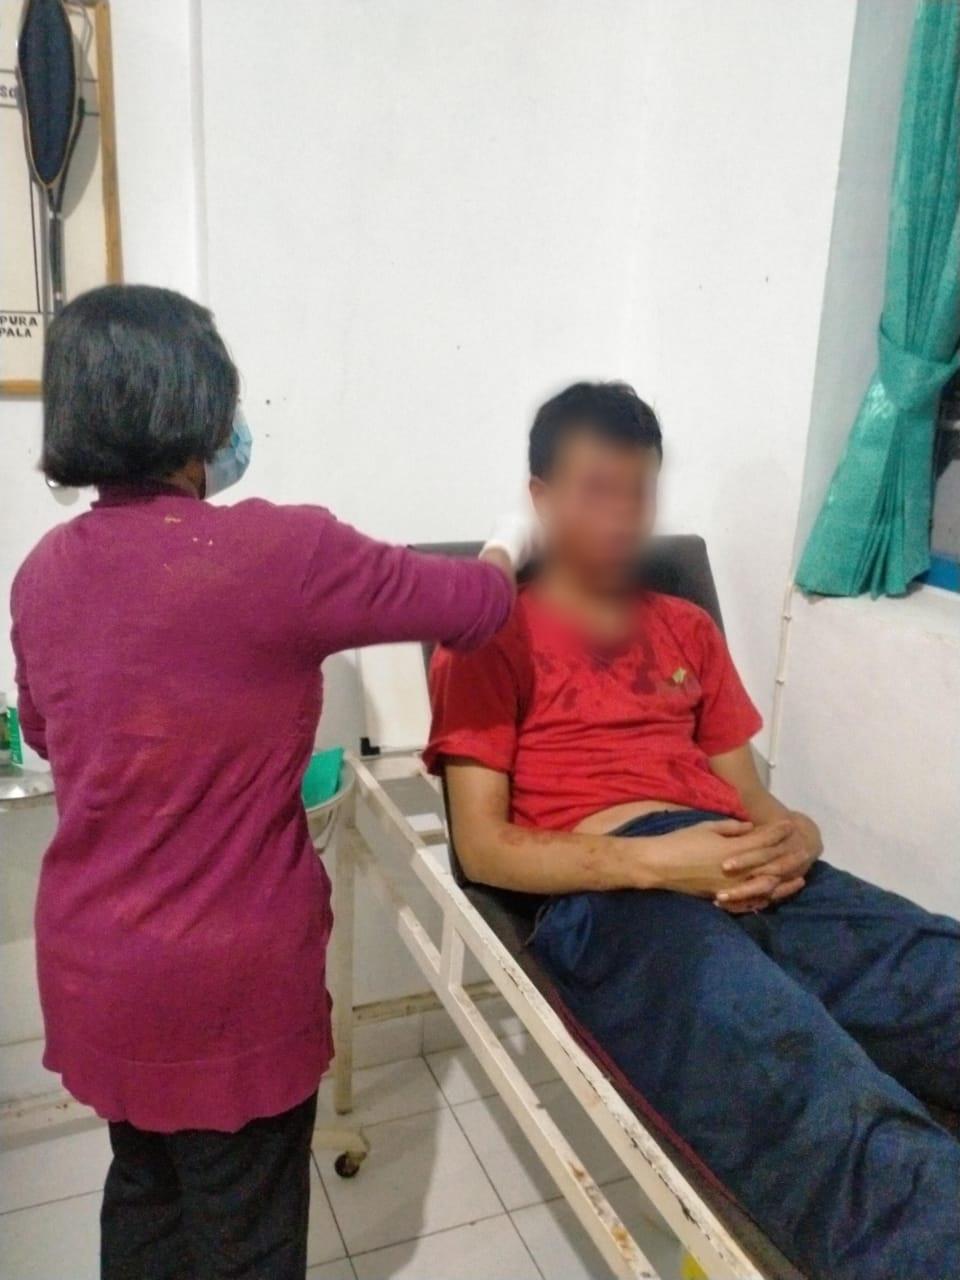 SEORANG tahanan mengalami luka-luka setelah dianiaya oleh tahanan lain di Lapas Kelas IIB Karangasem. Foto: ist